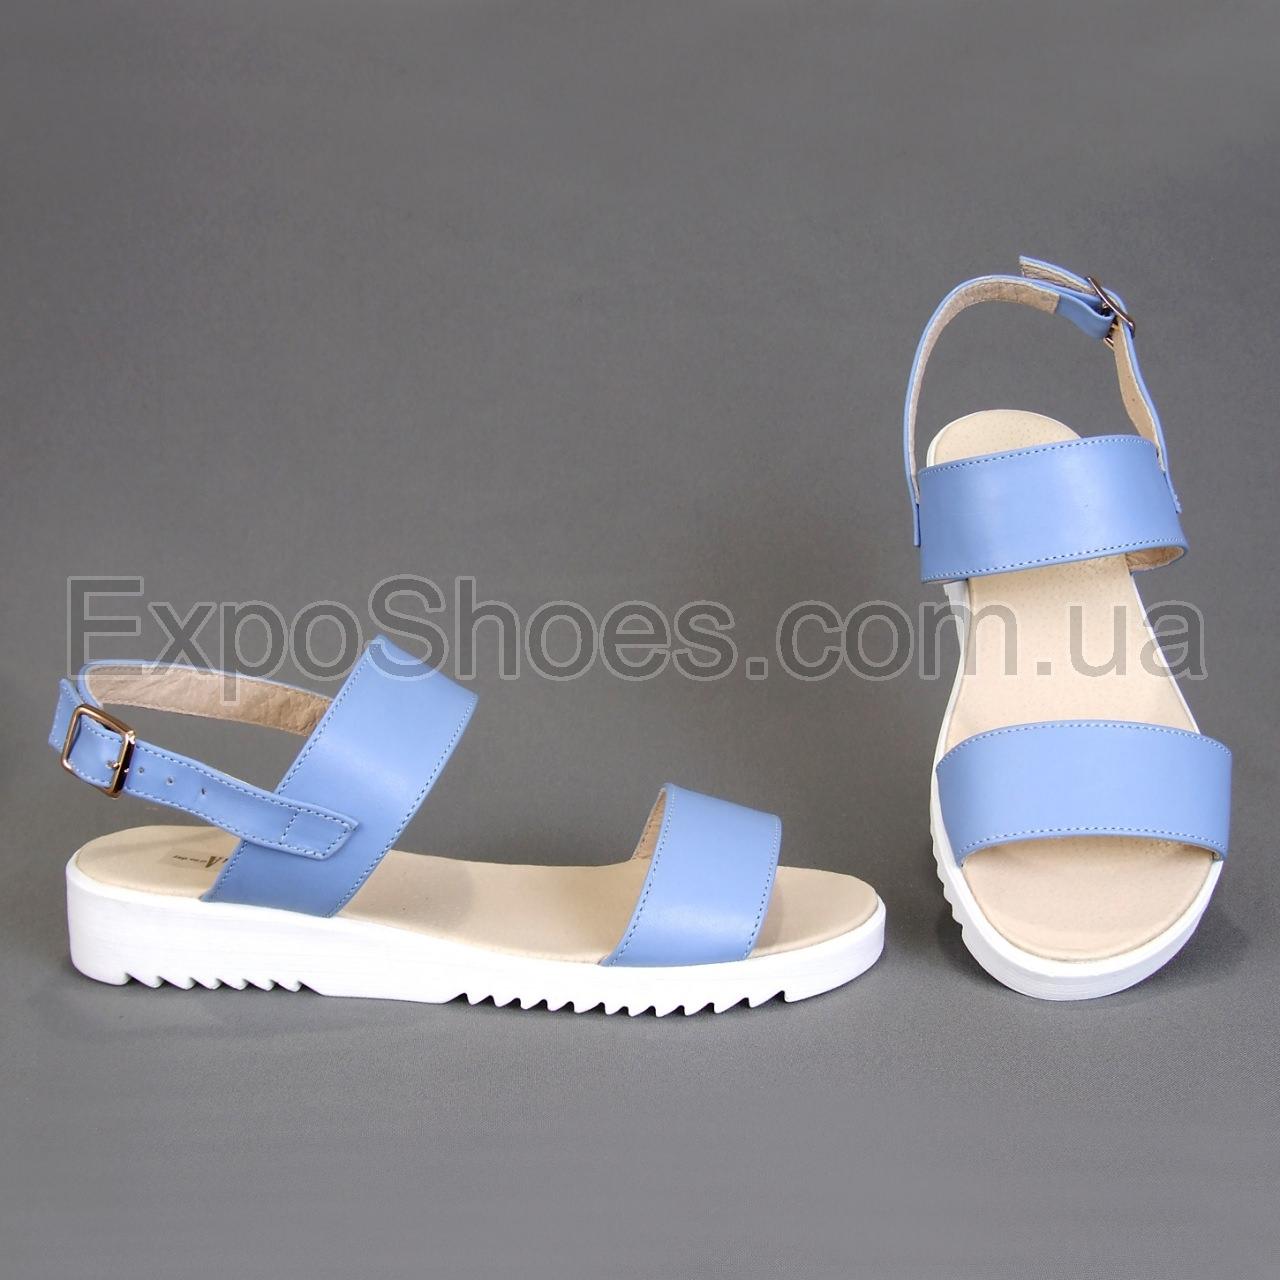 45f392e4a Скидки от PELLA на кожаную женскую обувь ― Выставка обуви ExpoShoes ...